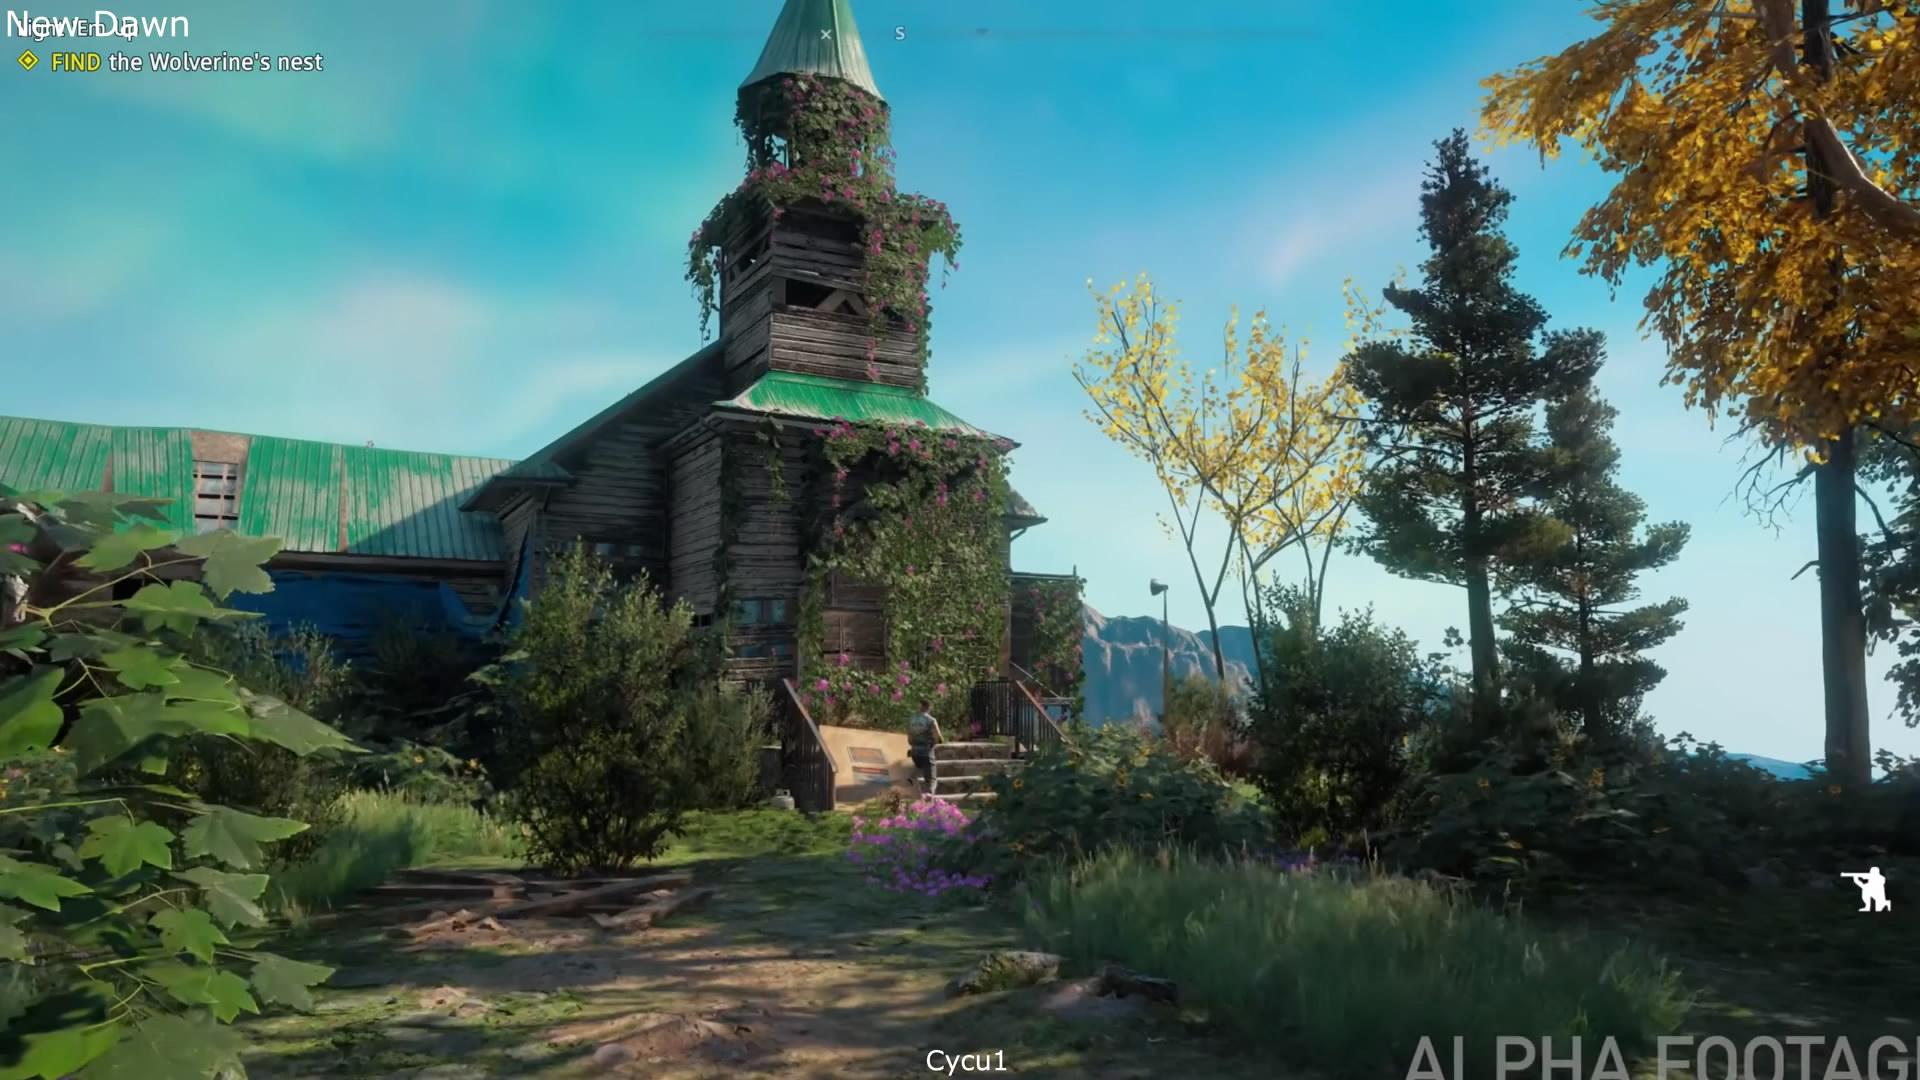 《孤岛惊魂:新曙光》对比《孤岛惊魂5》 风景更美了